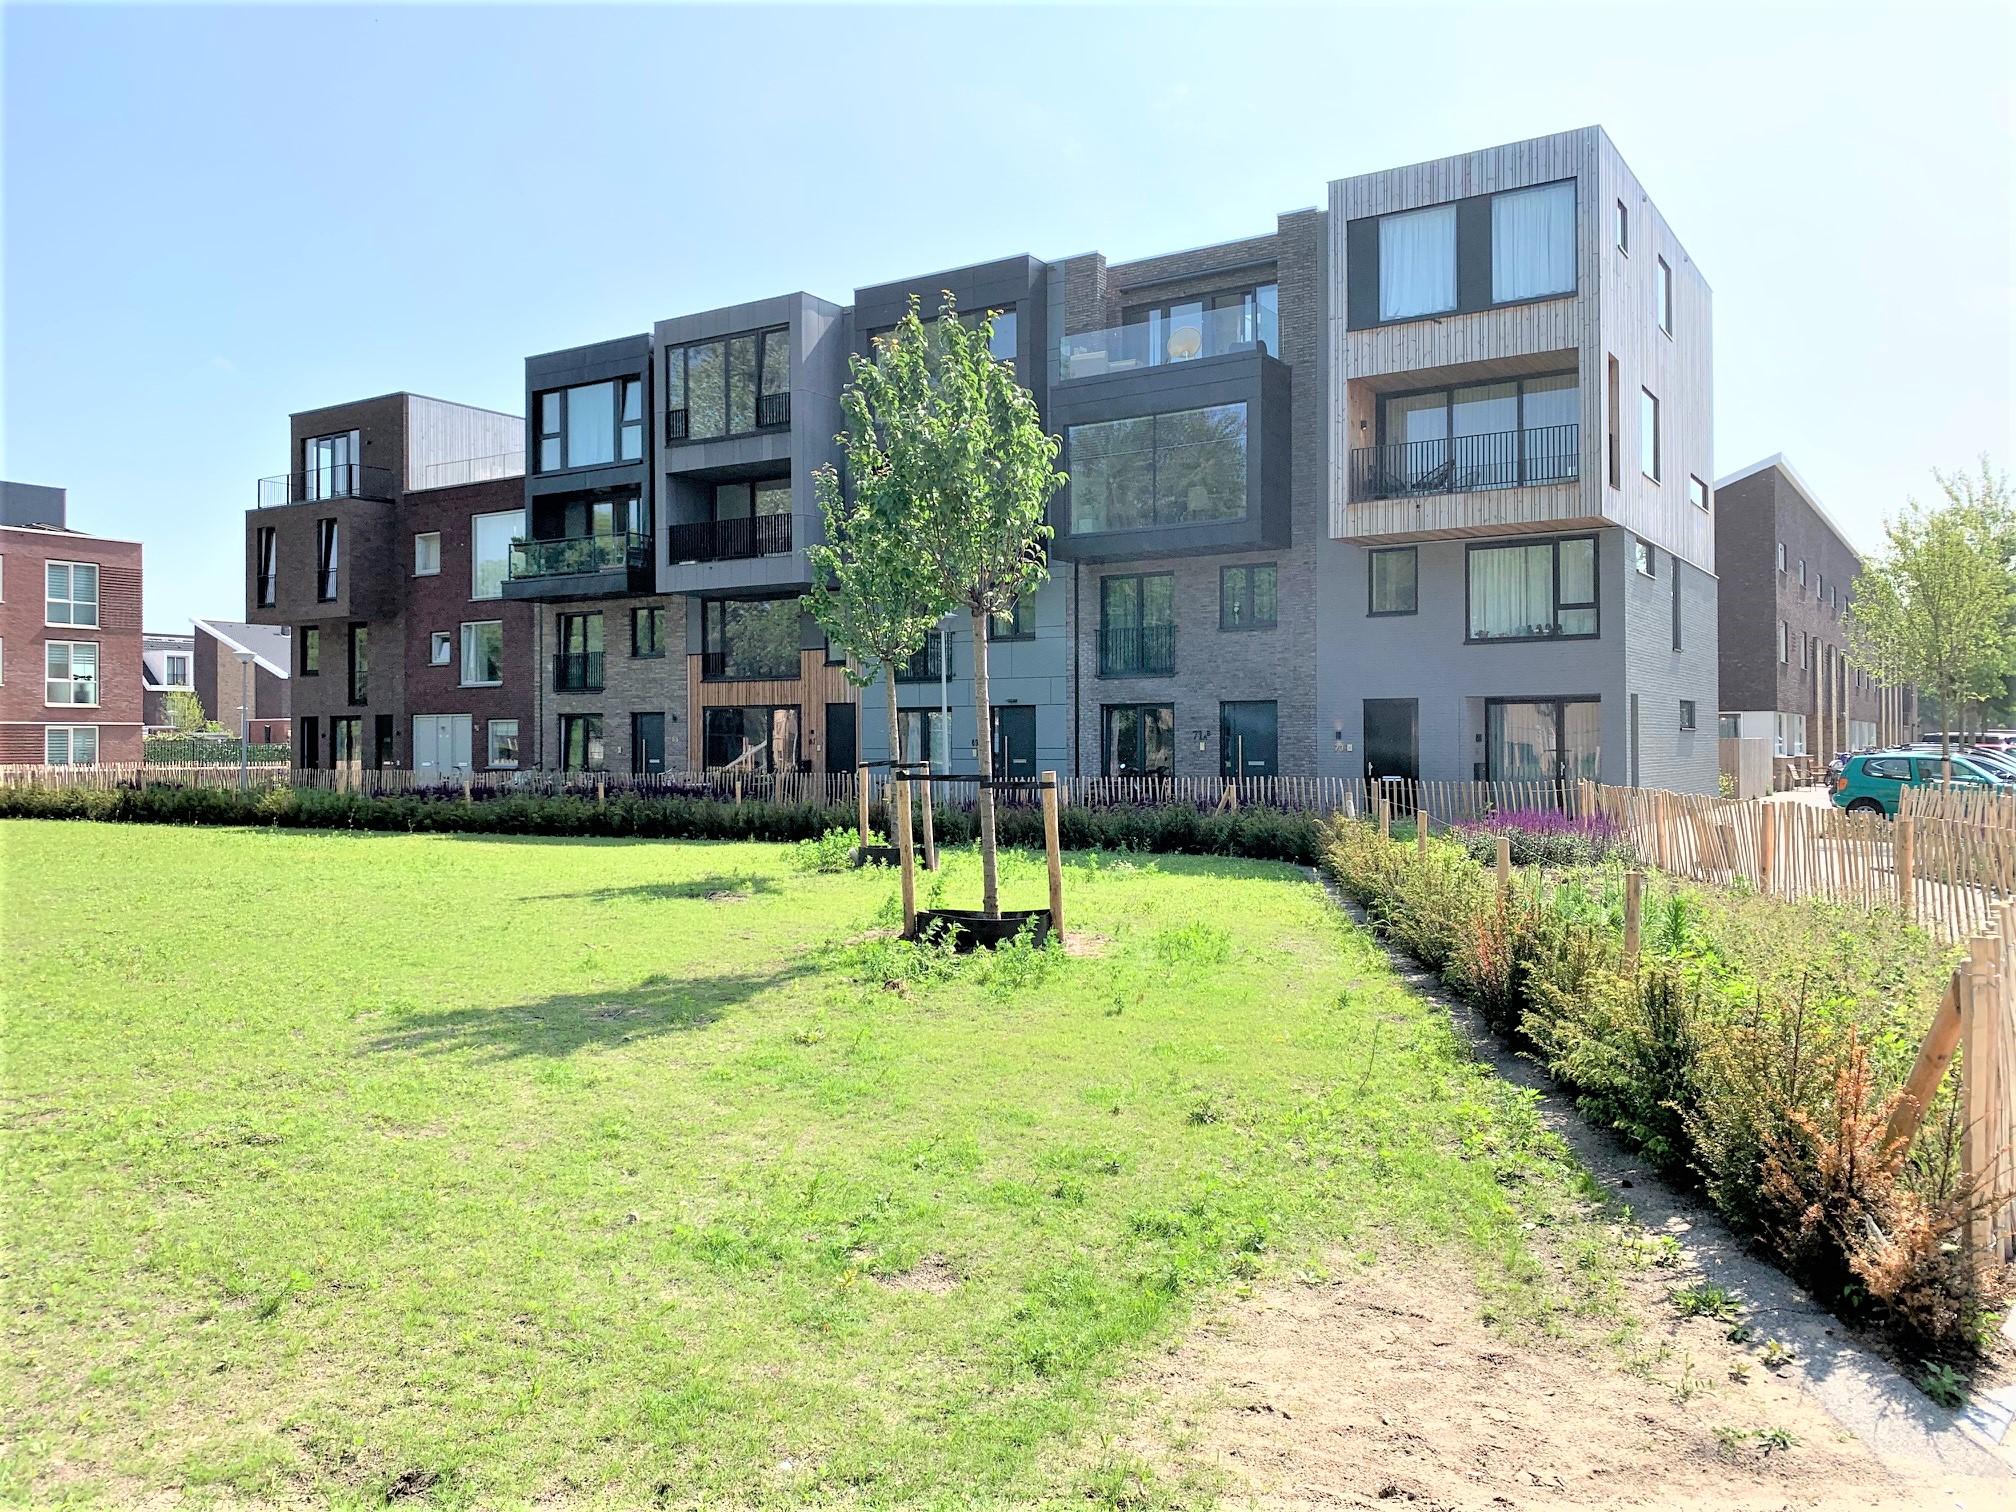 Koopvaardersplantsoen, Amsterdam